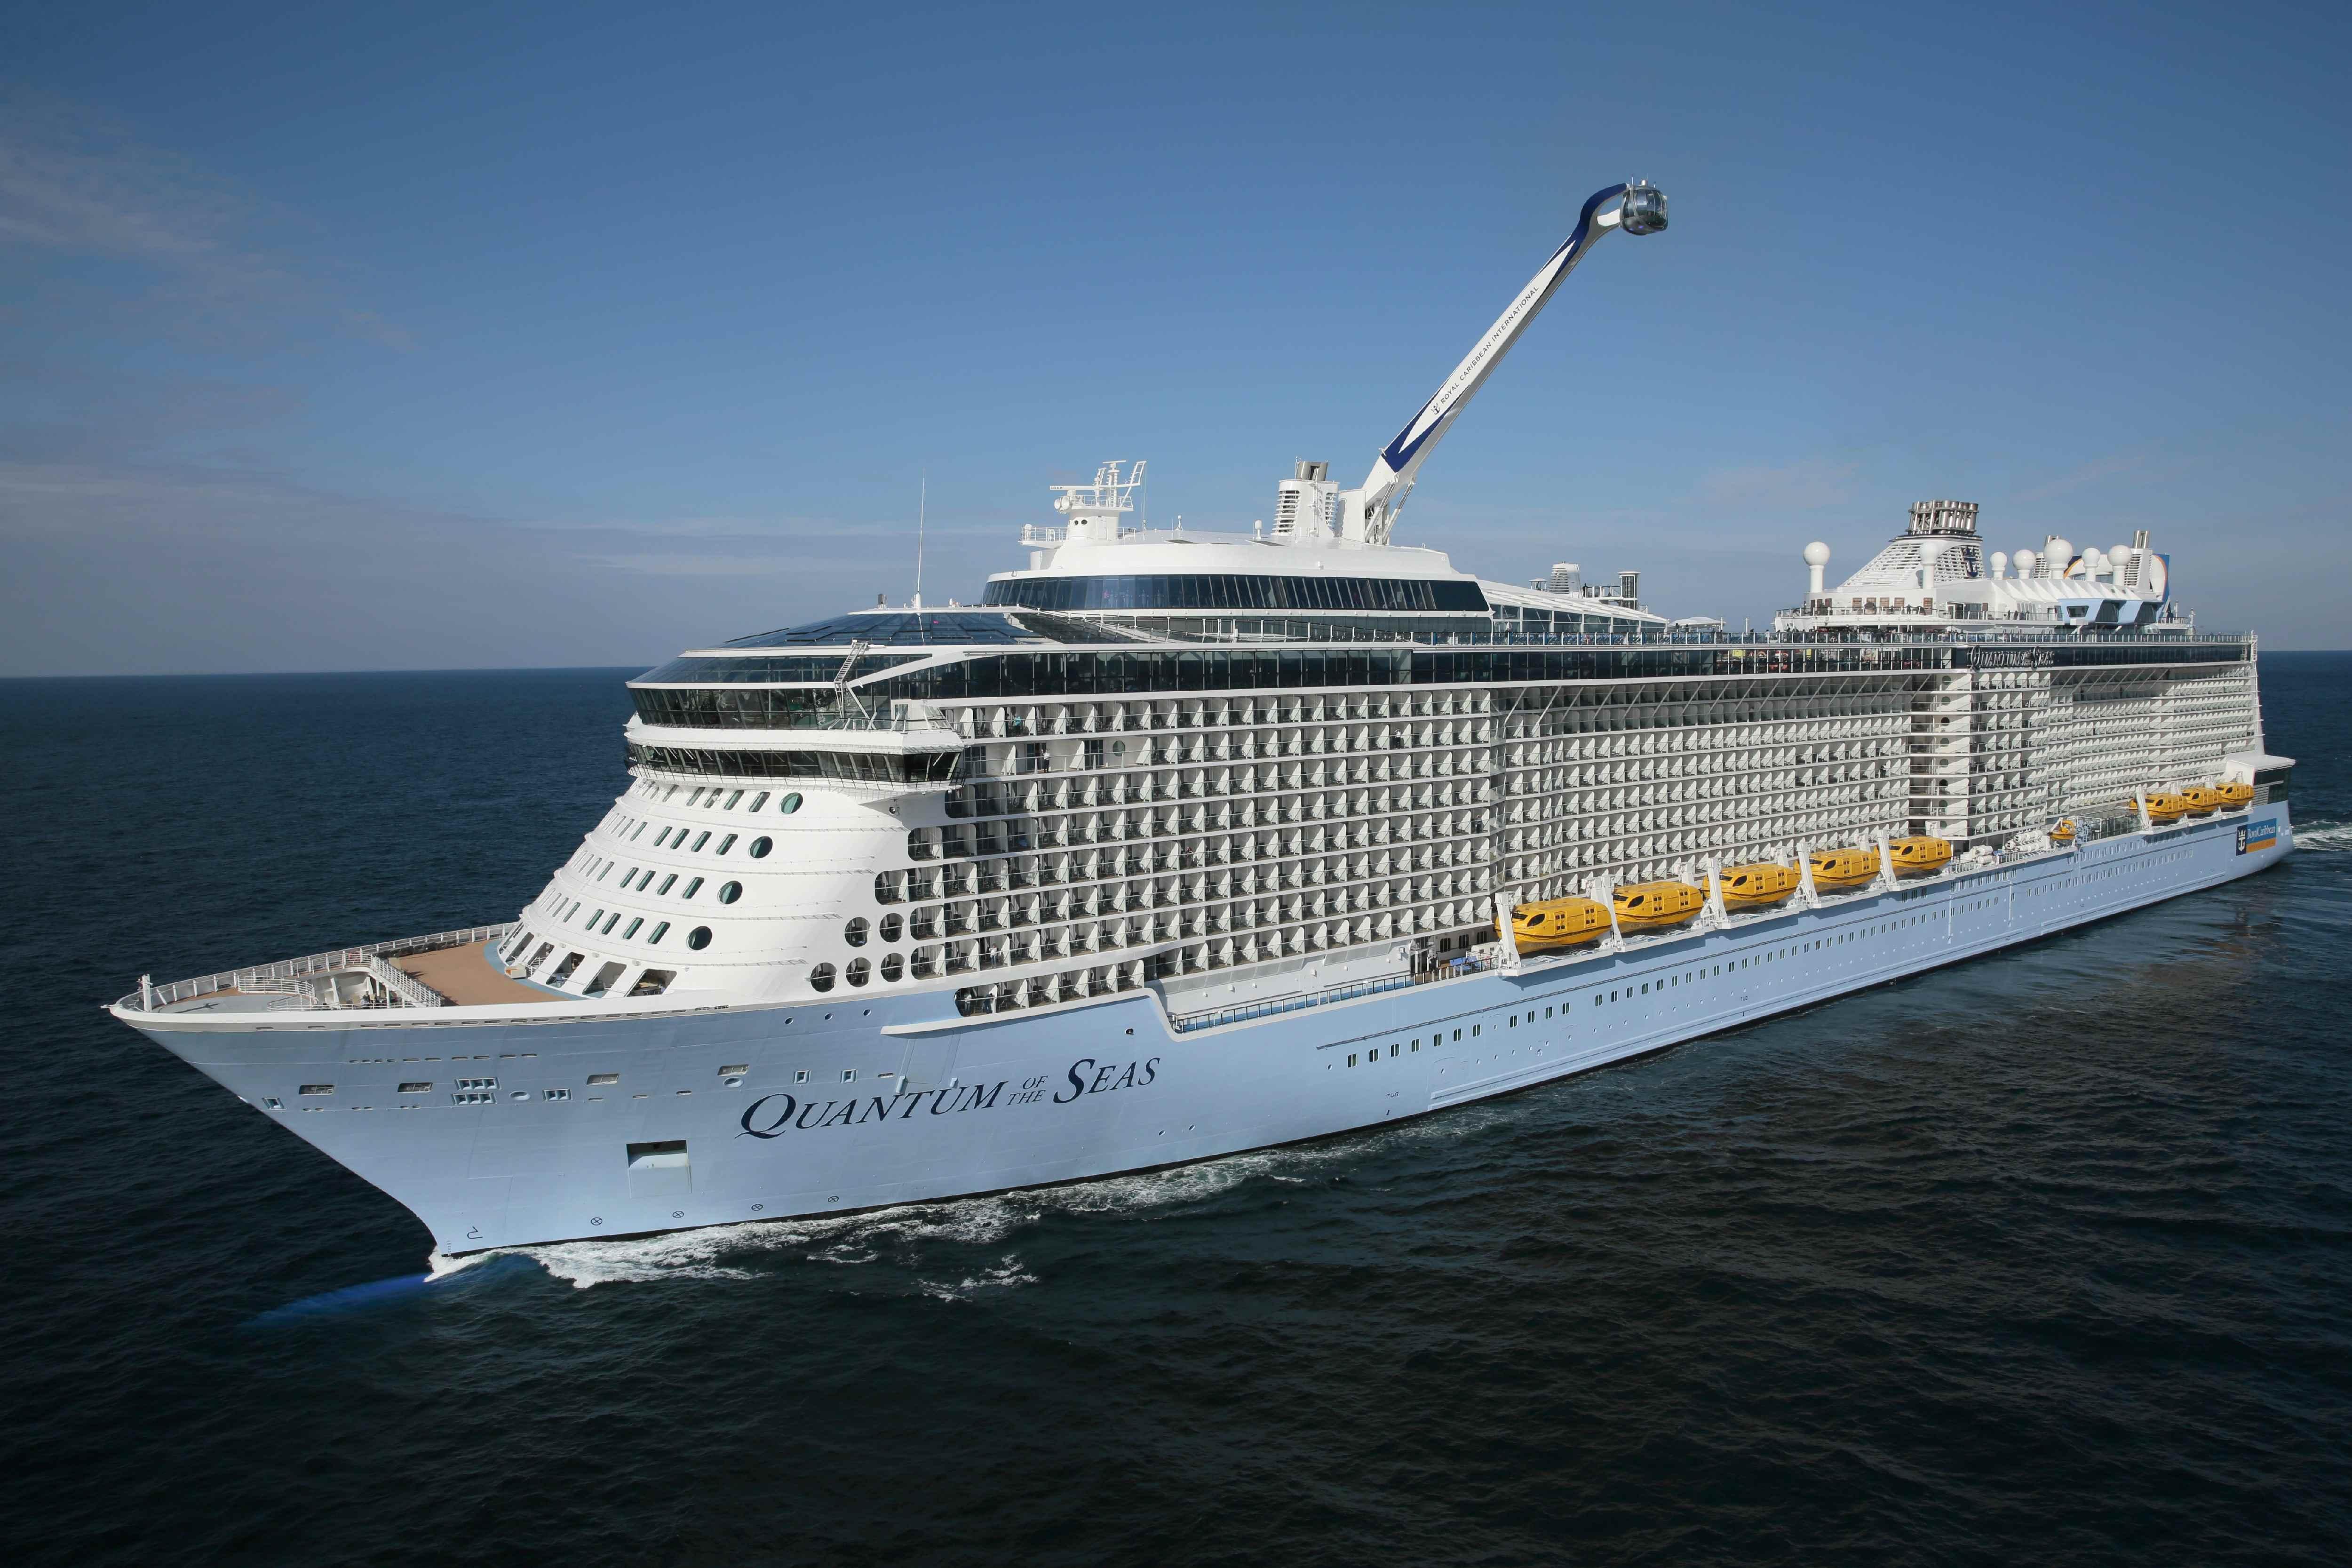 All inclusive singles cruises